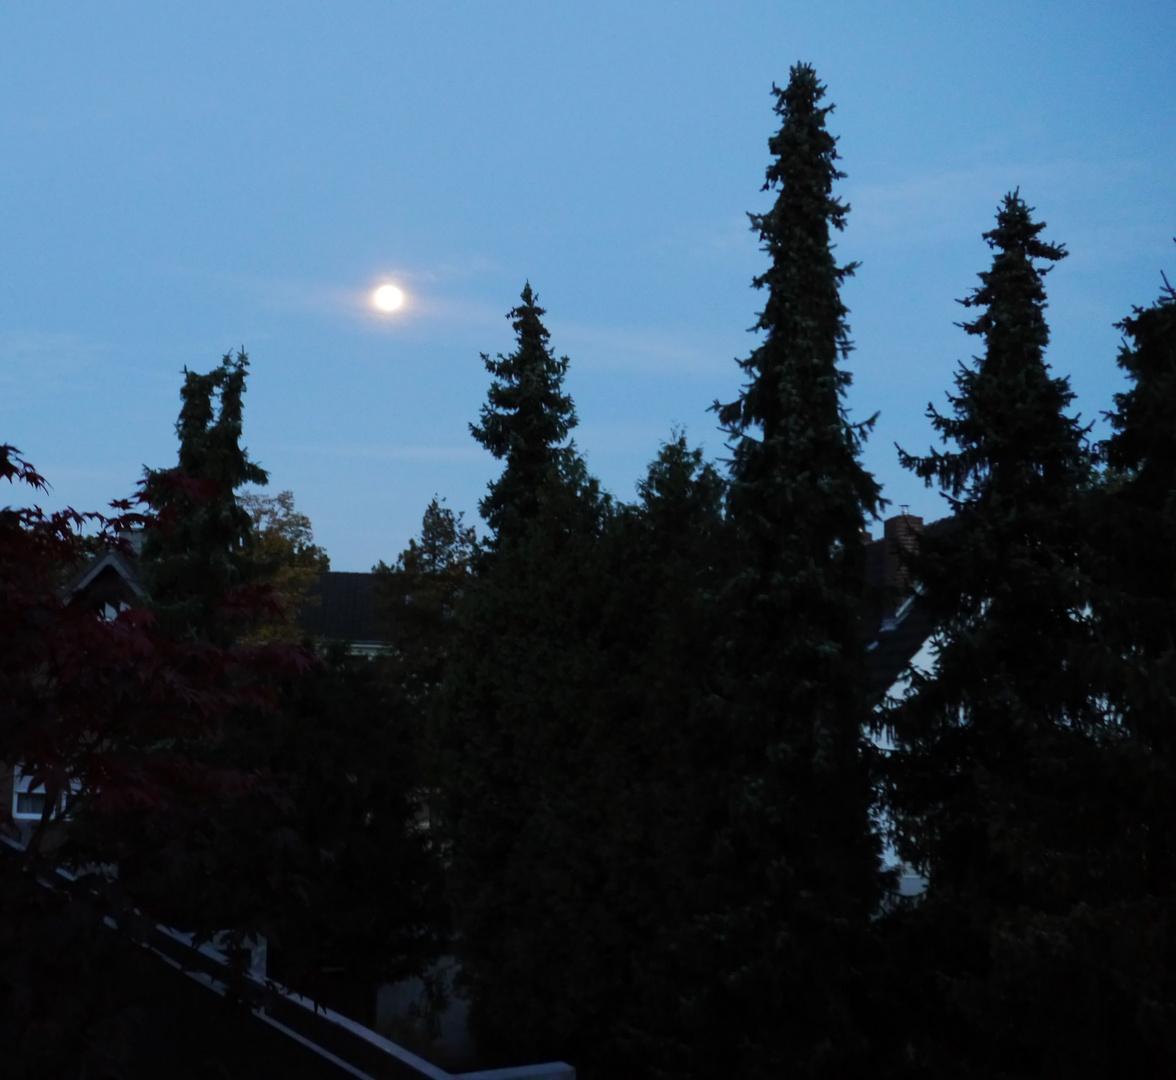 Vollmond am Morgen im Oktober 2012